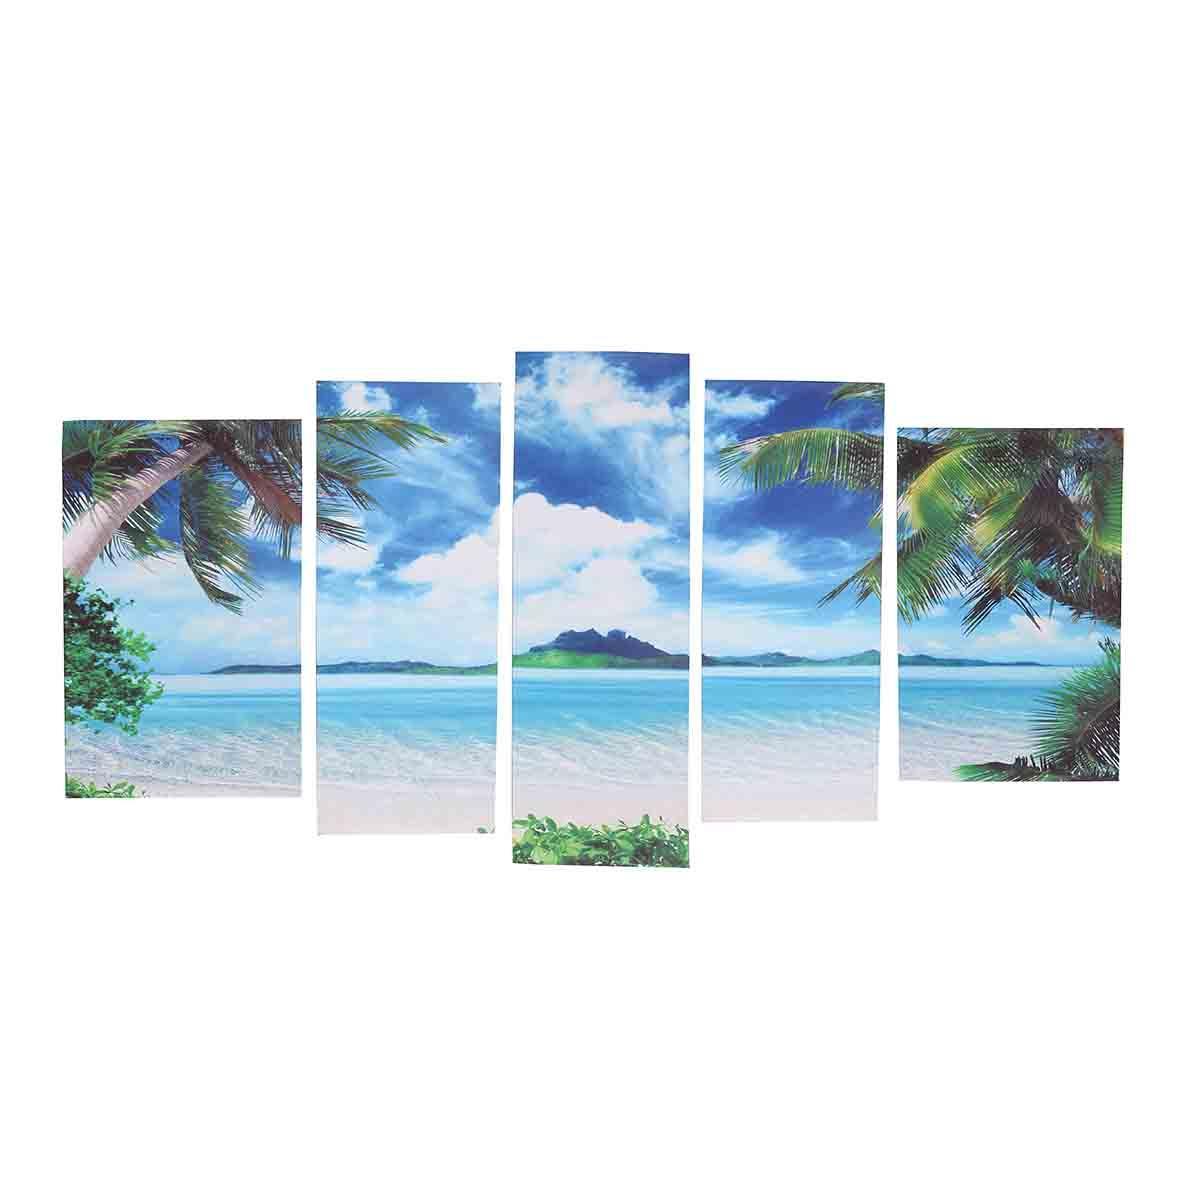 5Pcs Unframed Canvas Paint Seascape Пляжный Картины Современный декор домашнего интерьера 1TopShop